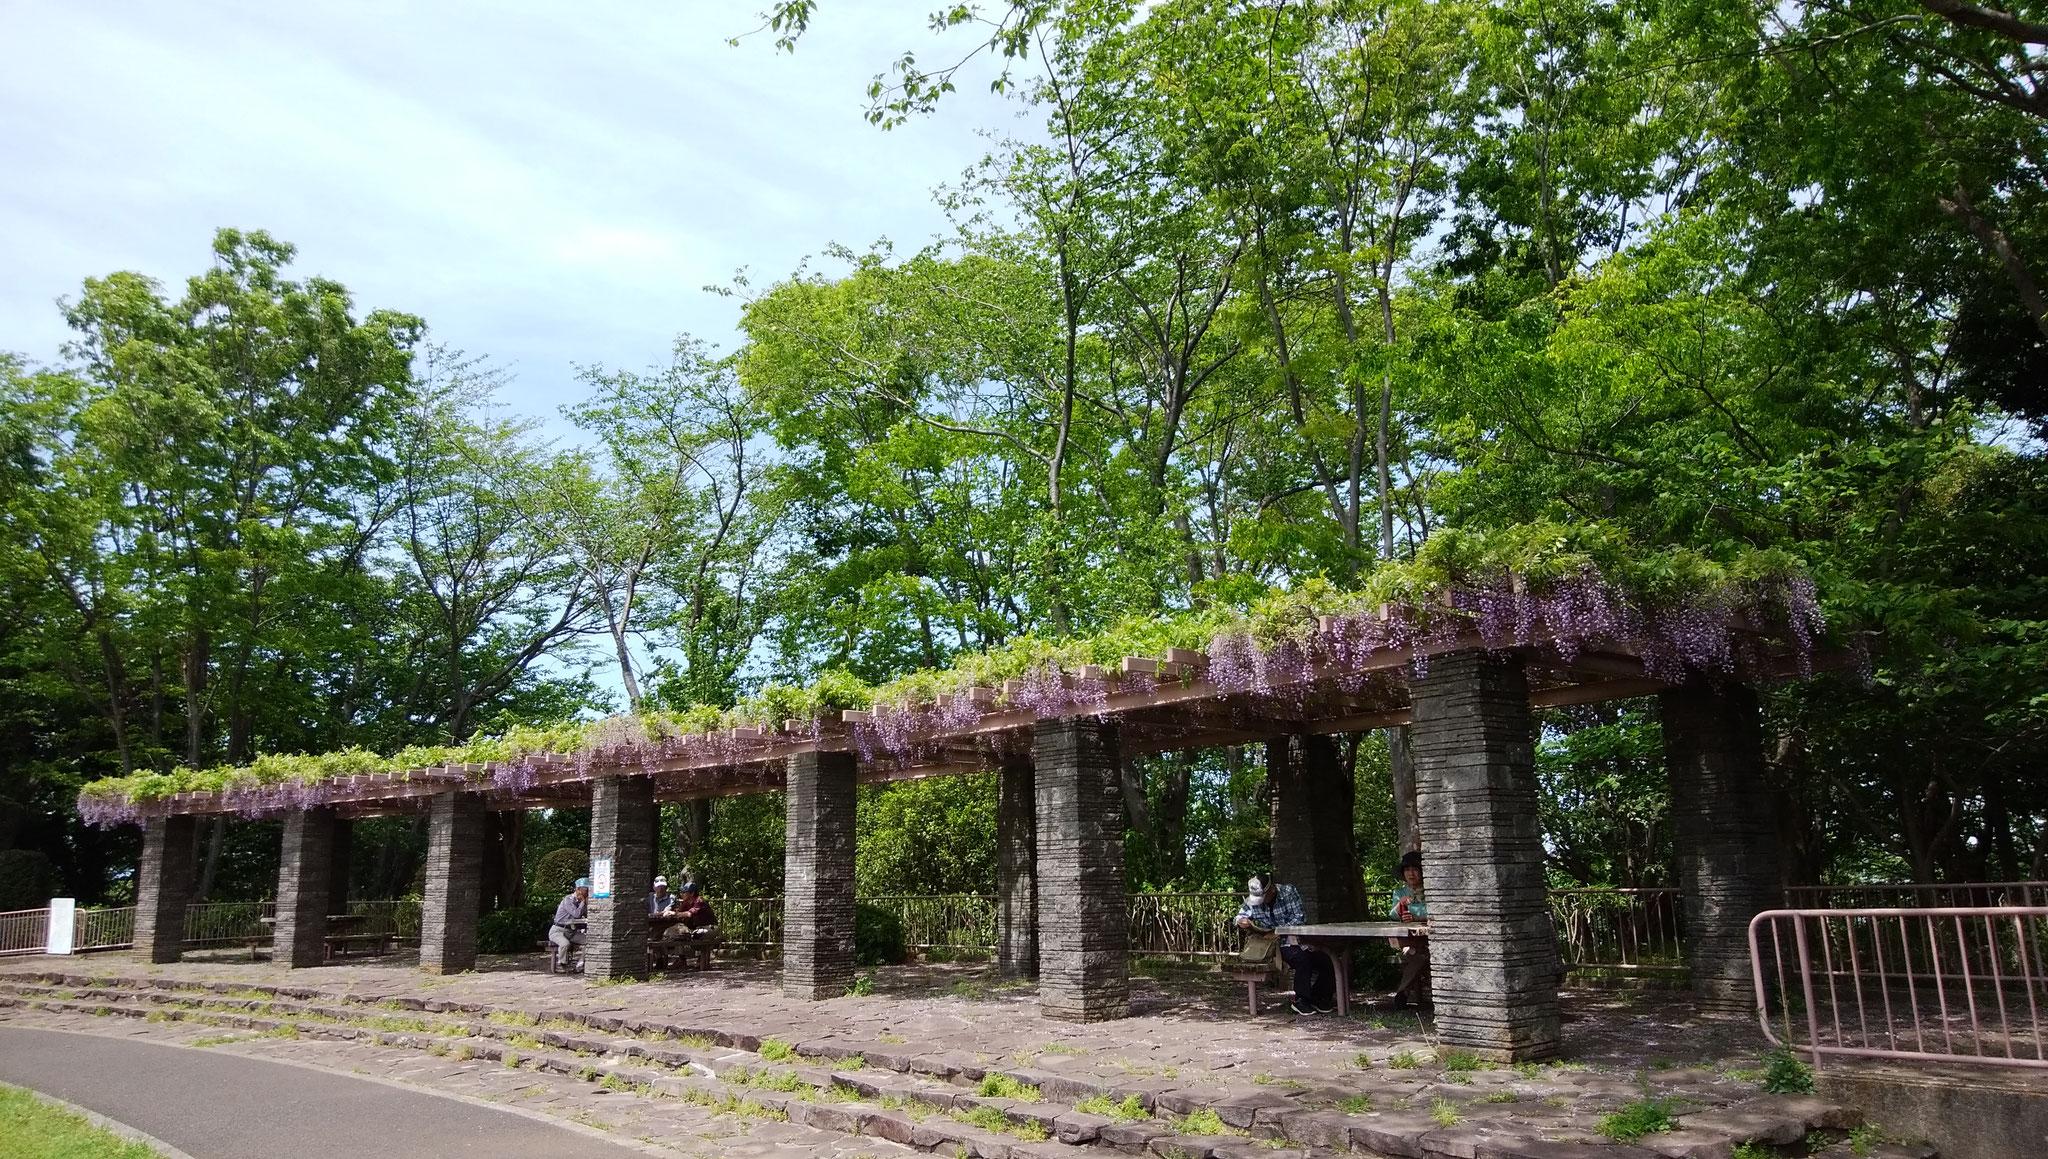 大庭城址公園の城郭をイメージしたパーゴラの藤棚